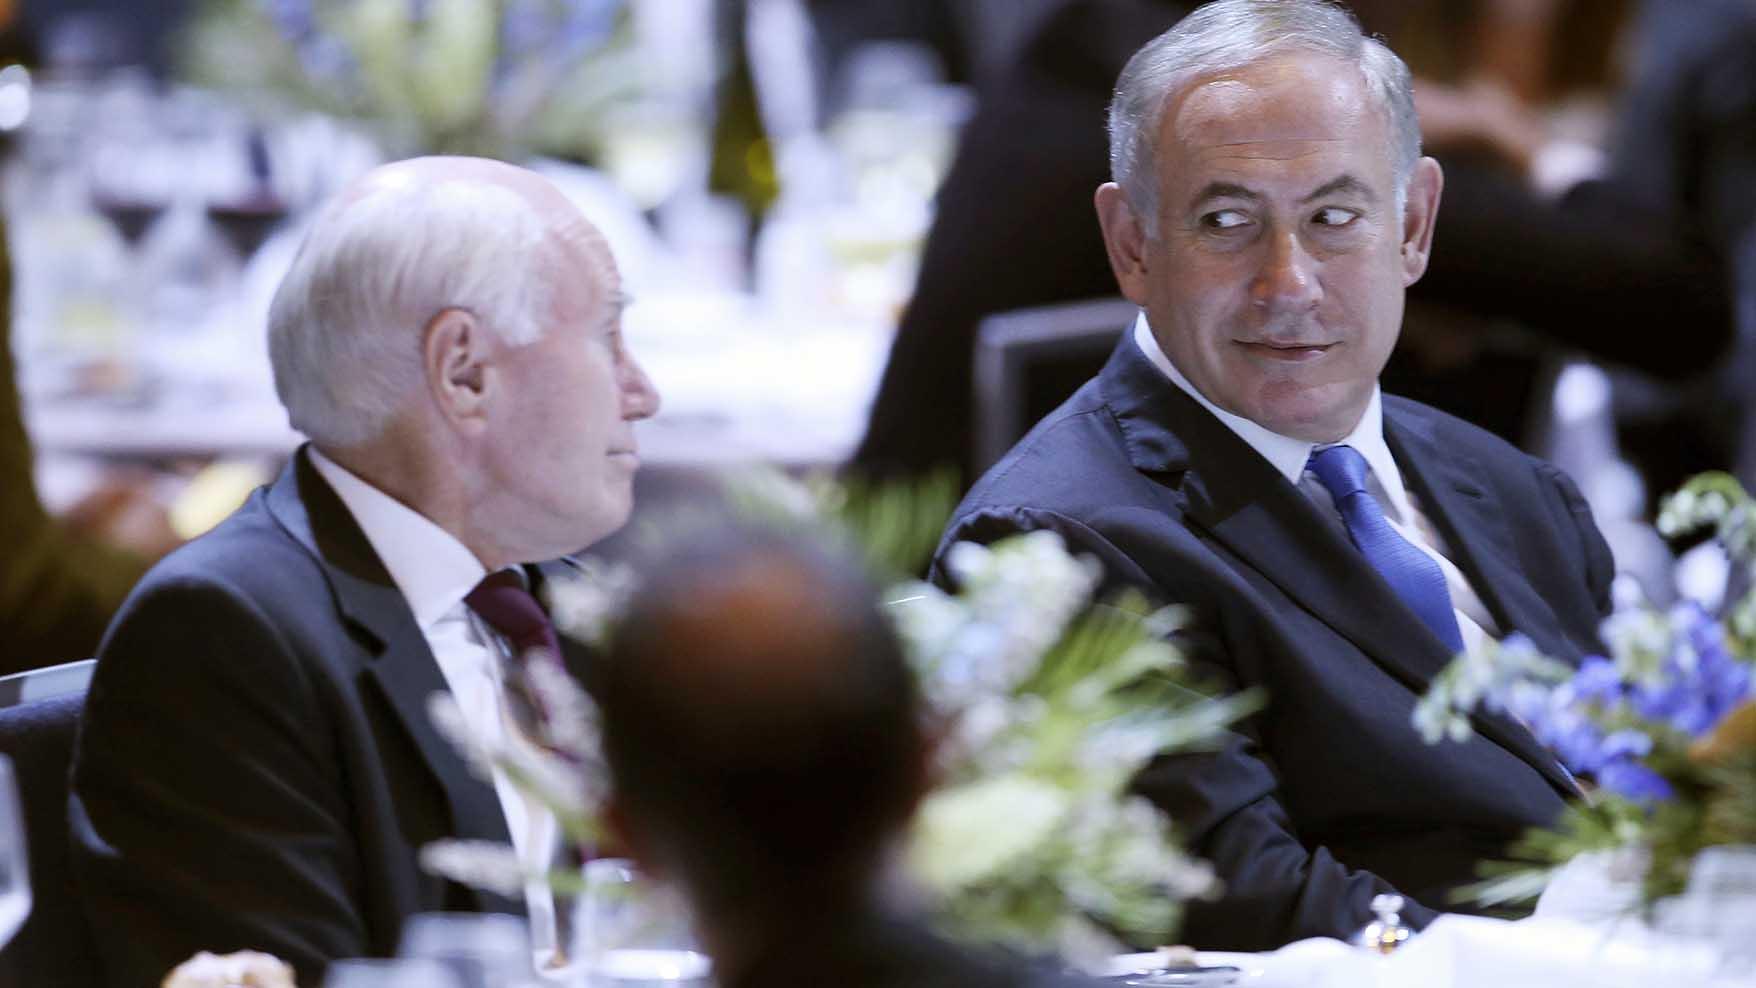 澳大利亚前总理、保守党人约翰•霍华德(John Howard,左)会见以色列总理内塔尼亚胡。(美联社/资料照片)